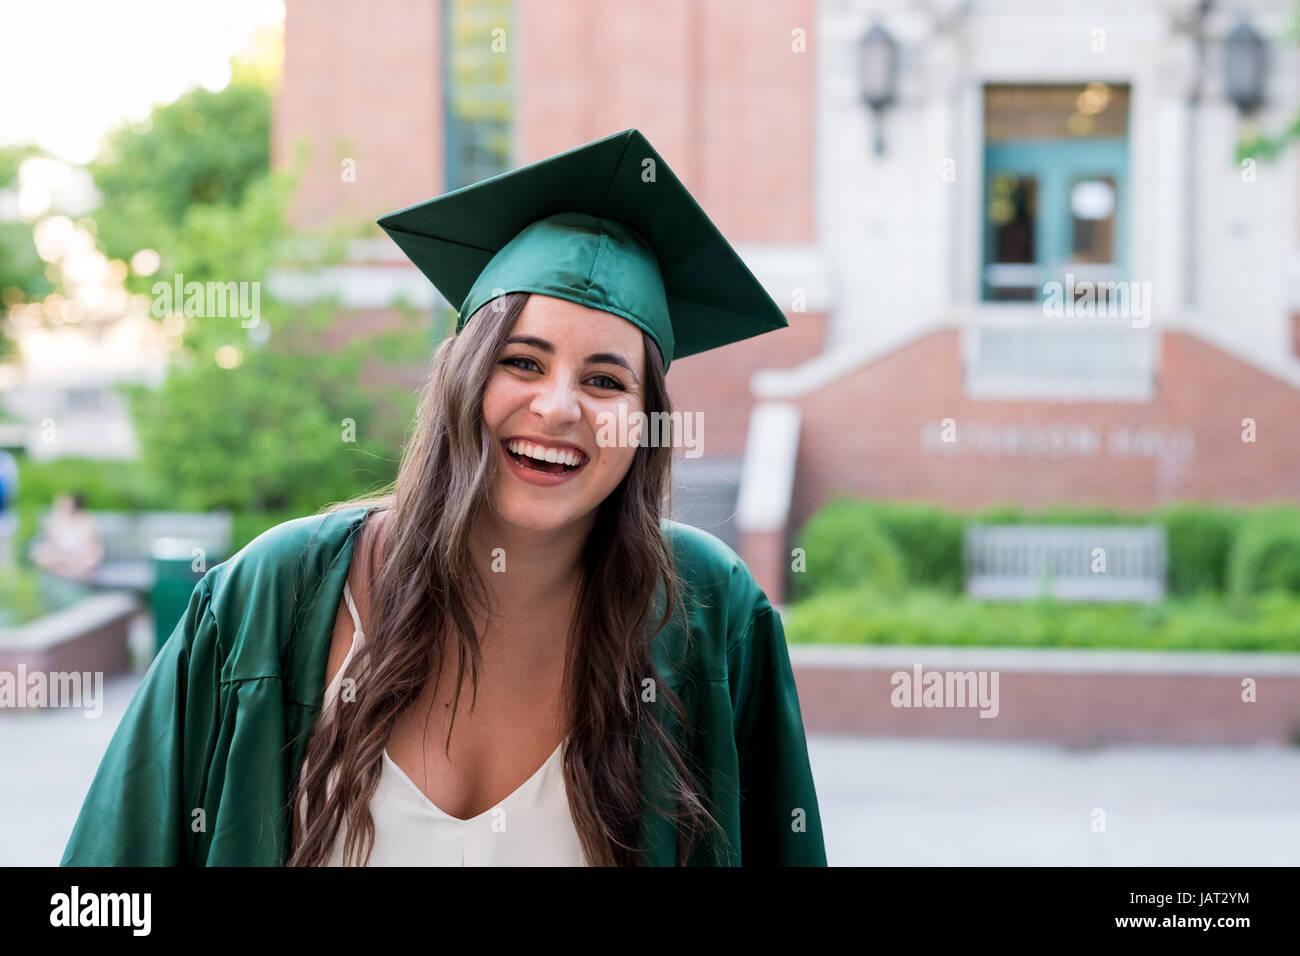 8b6560c97 Chica guapa posando para una foto de graduación en el campus durante su  último año de universidad justo antes de la graduación.